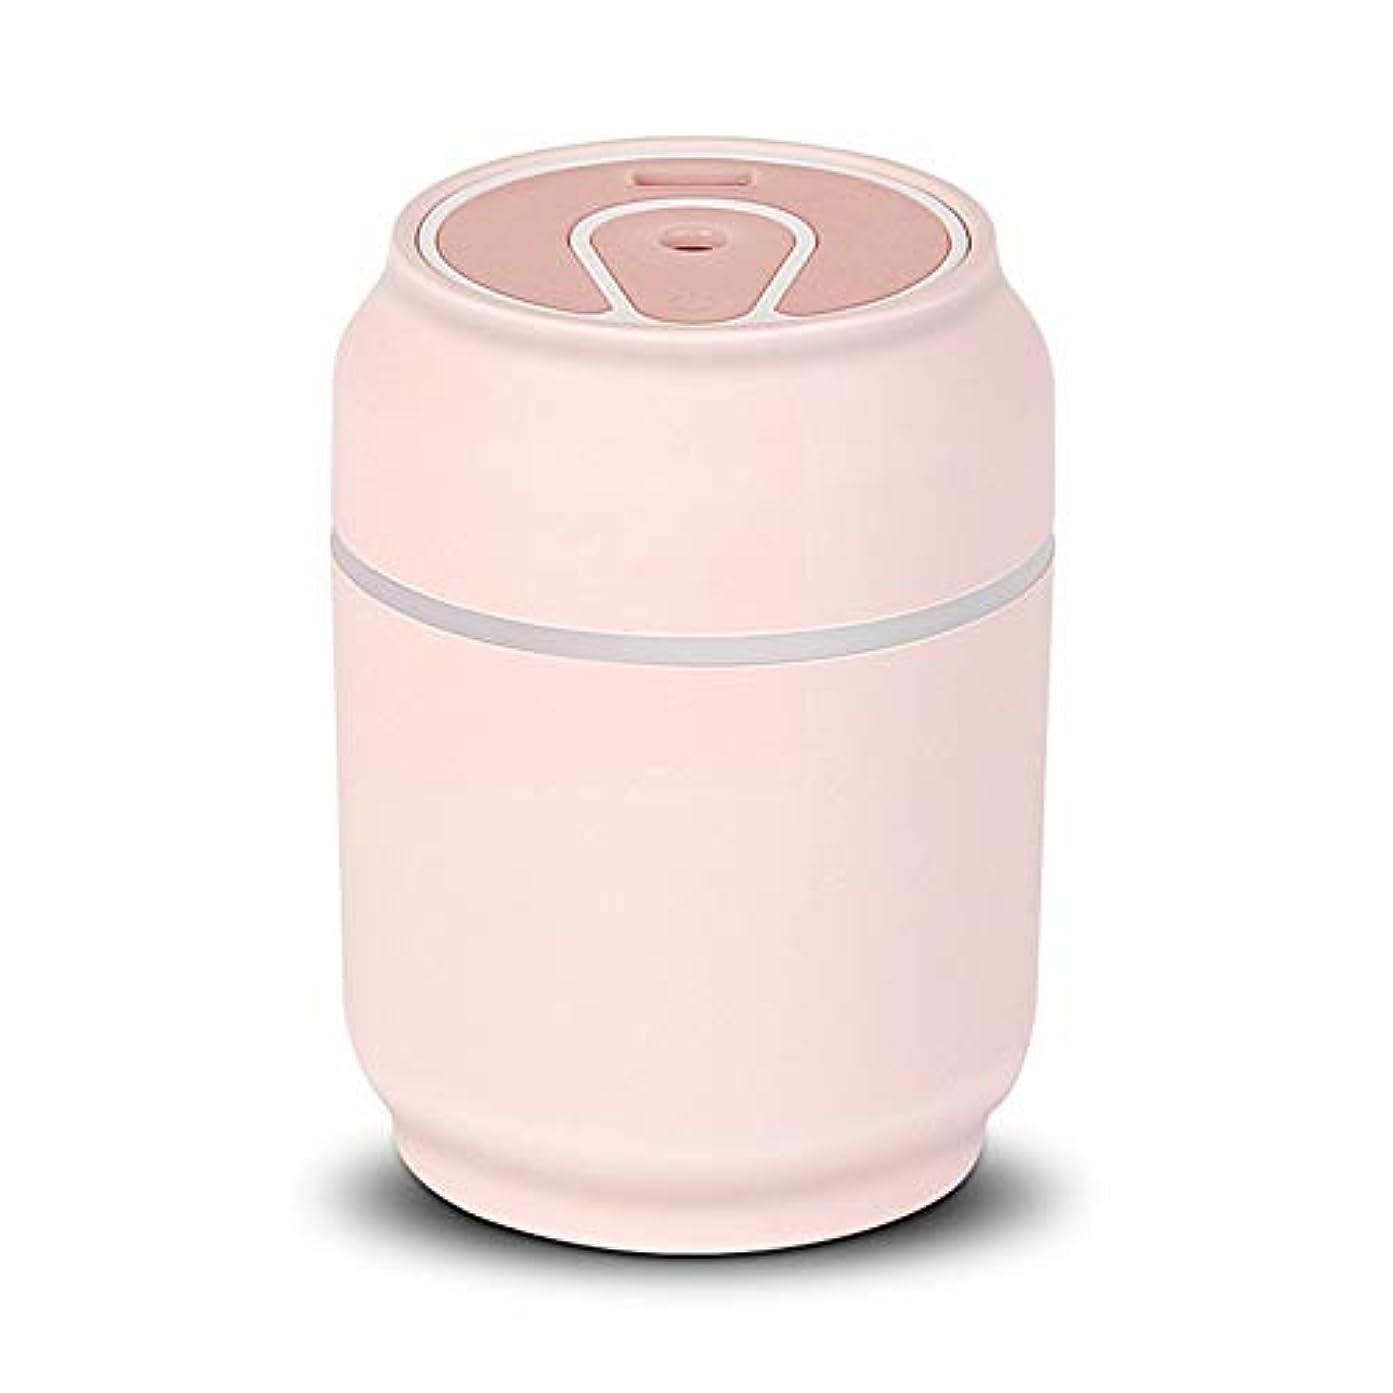 苦征服者単にZXF 新しいクリエイティブ缶シェイプUSB充電加湿器ミュート漫画ミニASB素材ナイトライトファン3つ1つの水分補給器具蒸し顔黒緑ピンク黄色 滑らかである (色 : Pink)